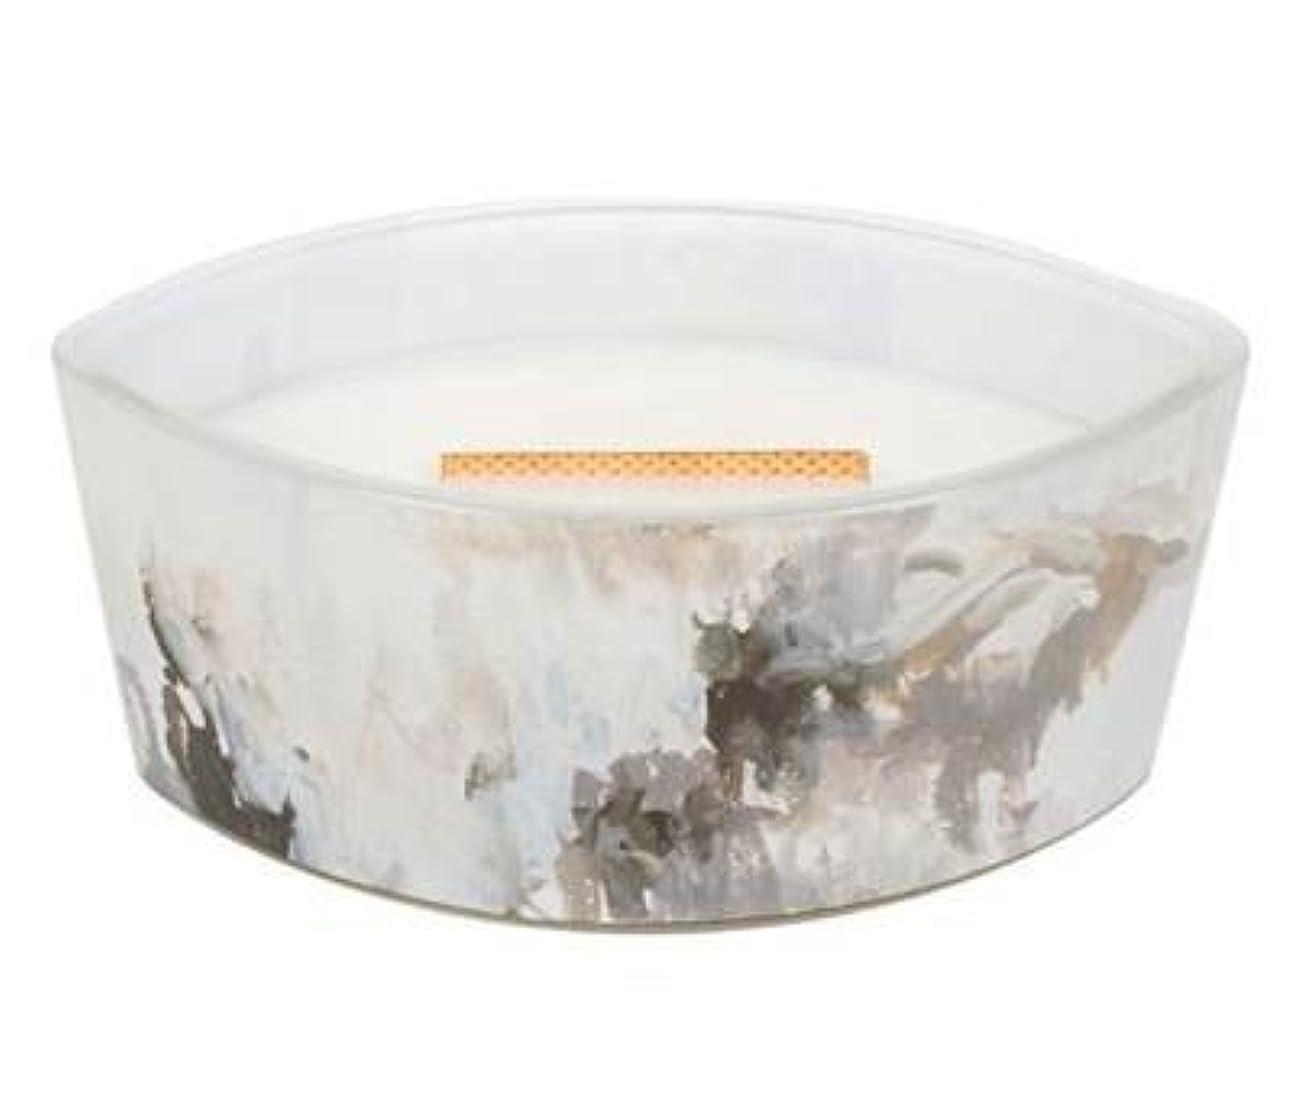 ファイナンスストレンジャーパーティーHoney Tabac – アーティザンコレクション楕円WoodWick香りつきJar Candle